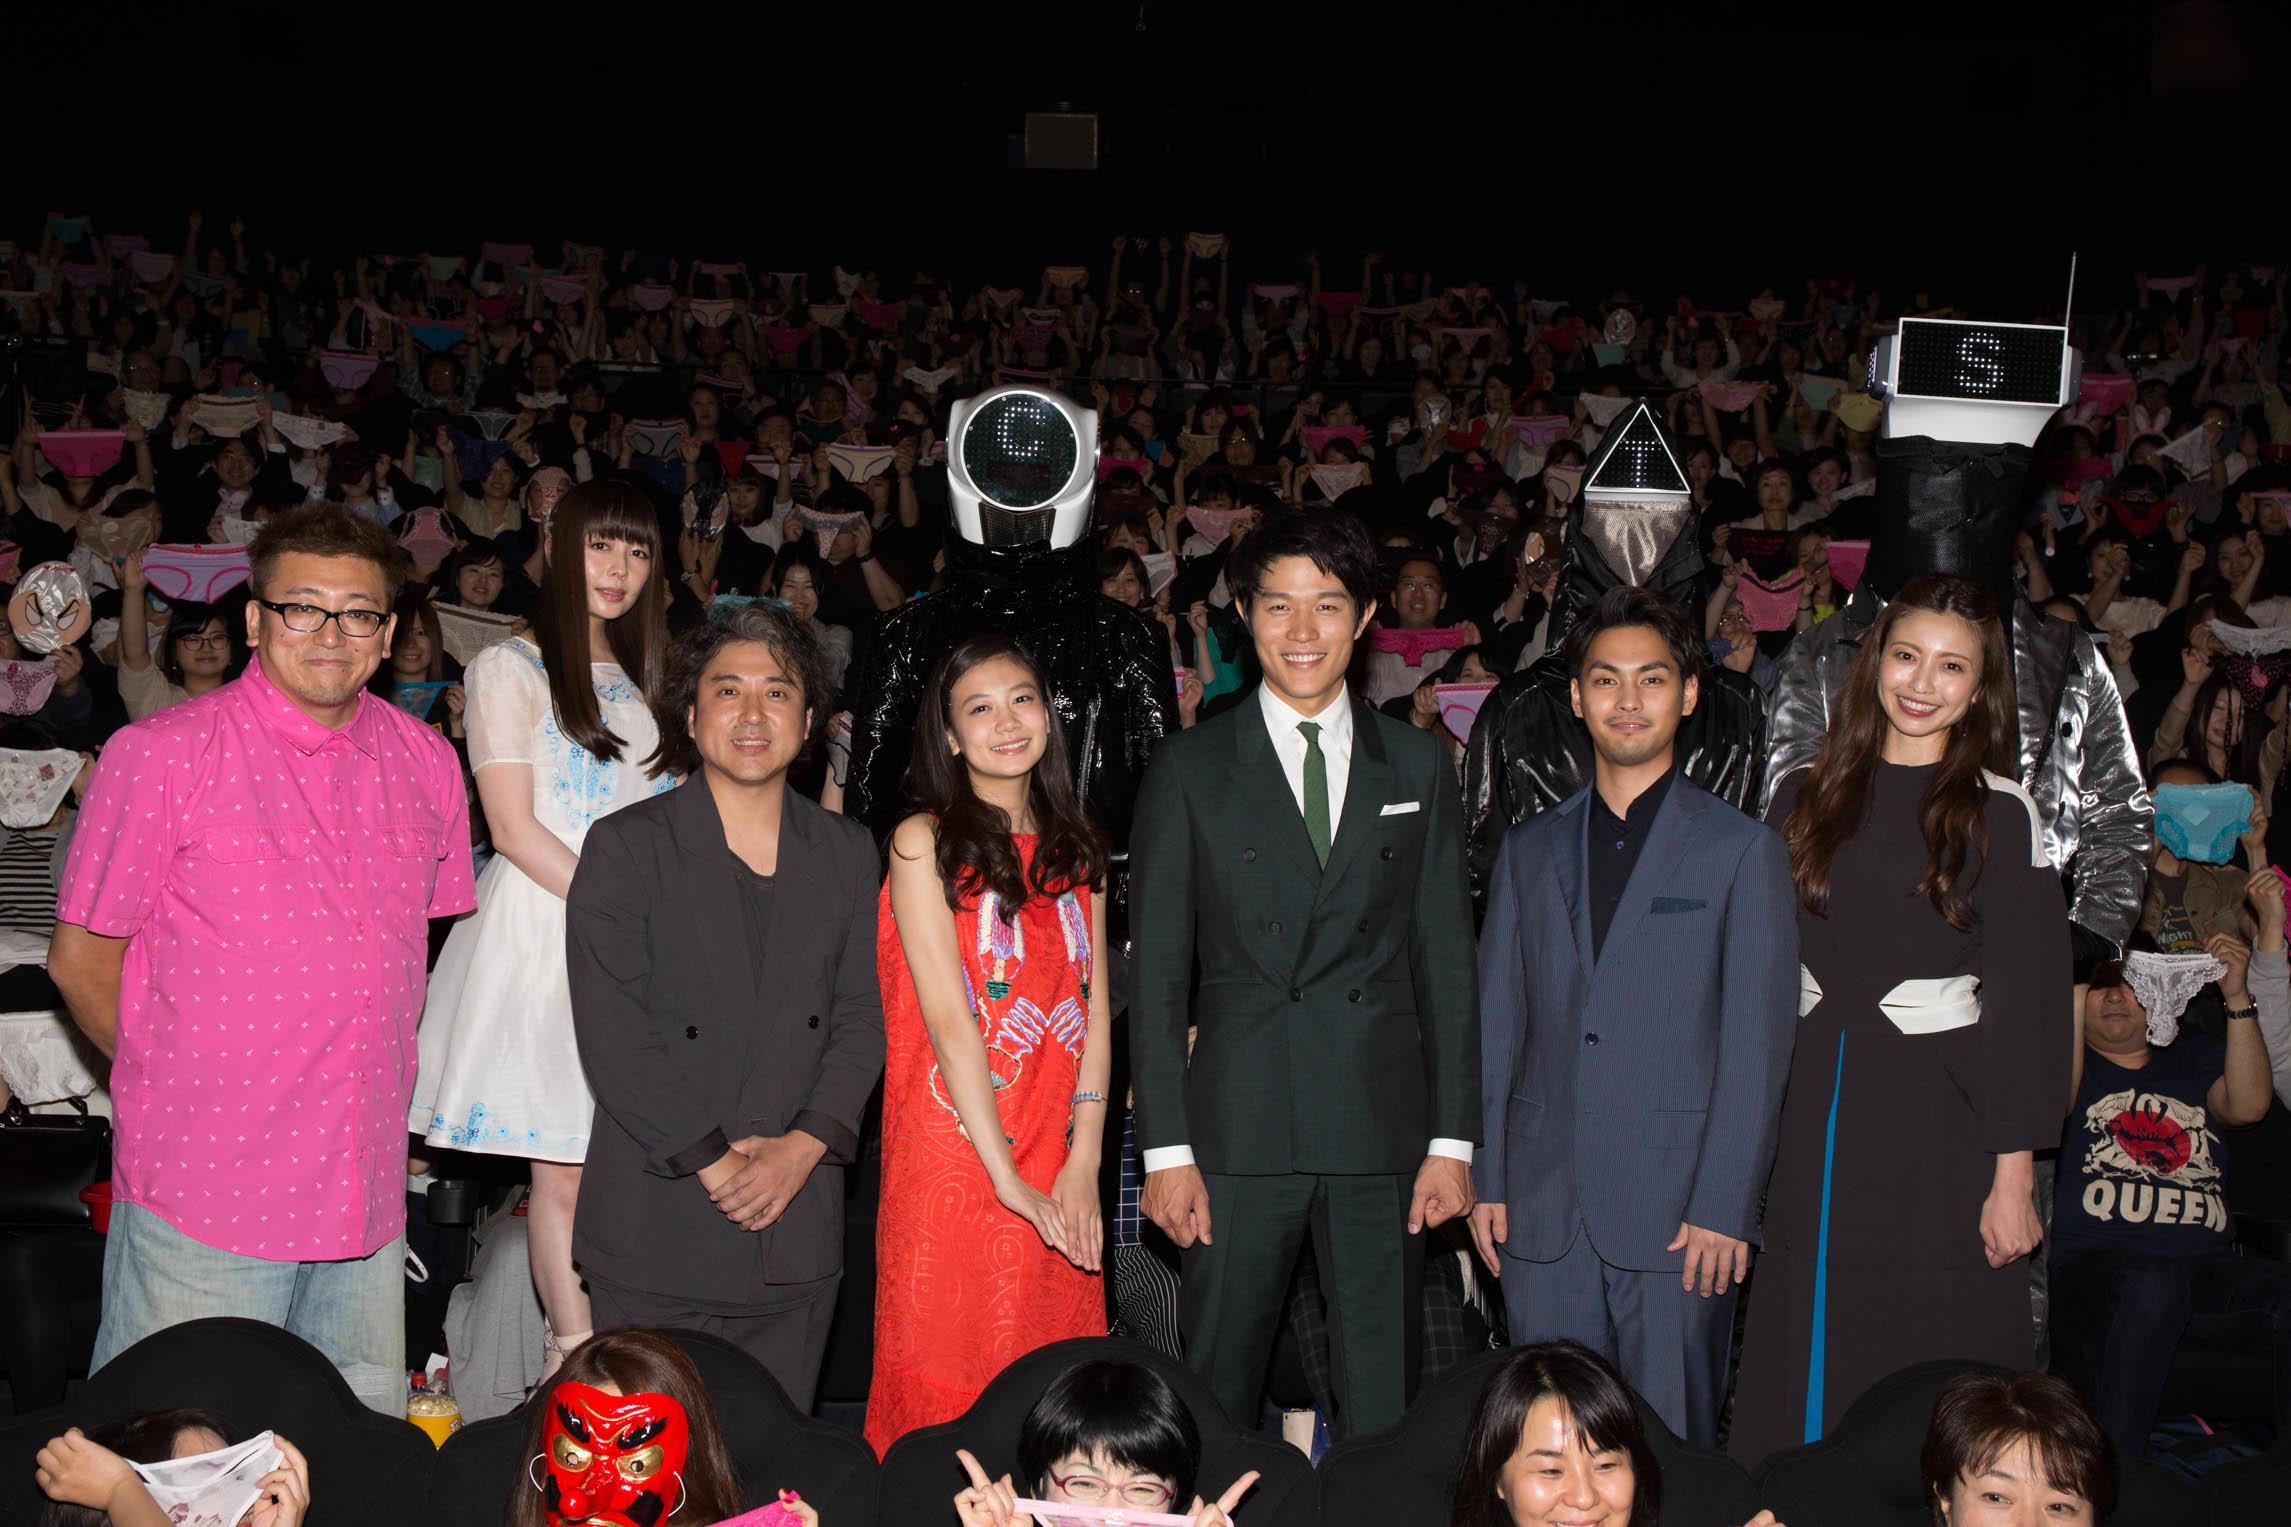 左から、福田雄一監督、ムロツヨシ、清水富美加、鈴木亮平、柳楽優弥、片瀬那奈、後列左から南波志帆、CTS